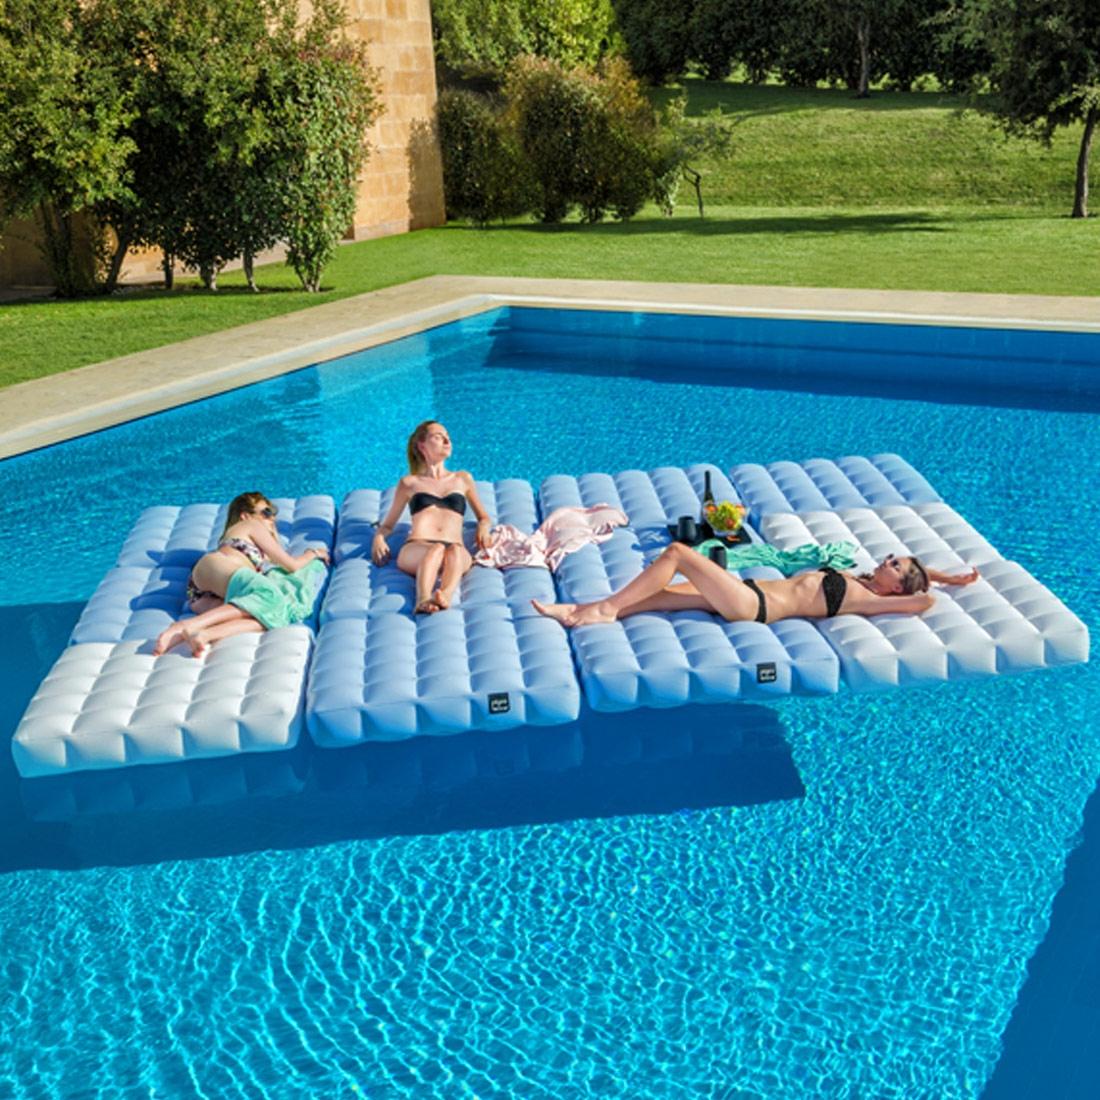 Matelas Gonflable Pour Piscine Felice Design Pigro Zendart ... avec Matelas Pour Piscine